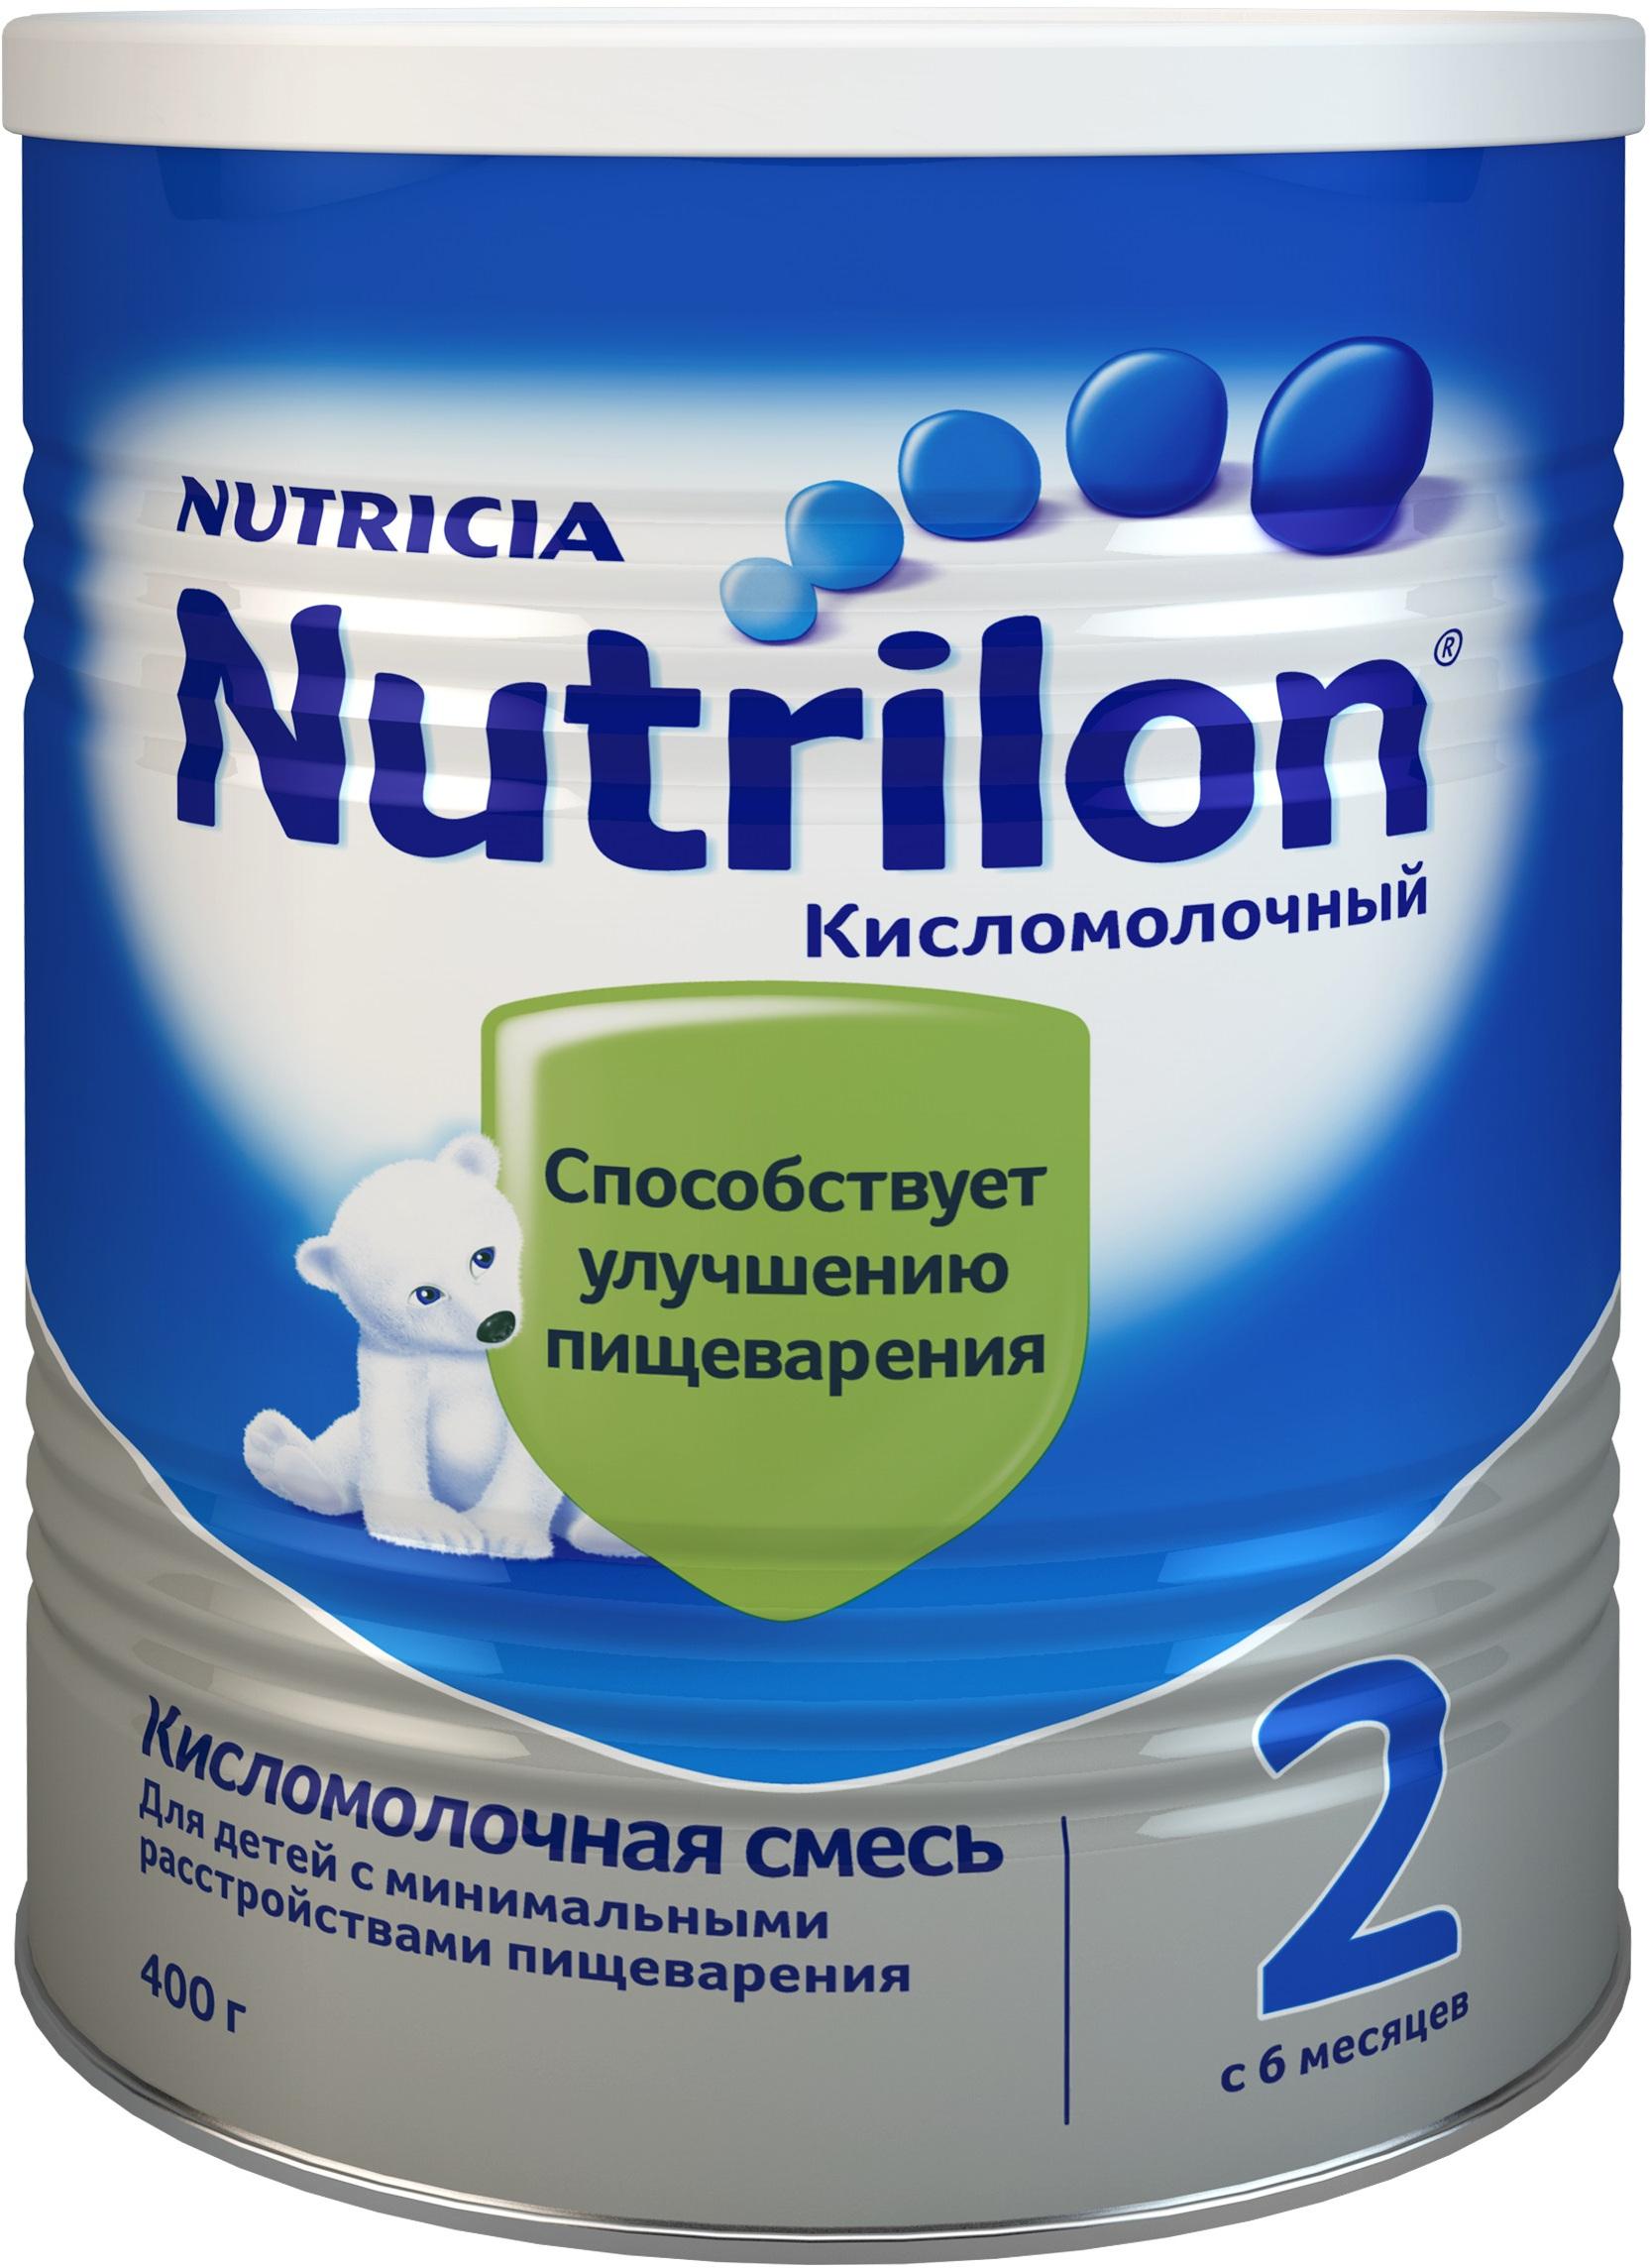 Молочная смесь Nutricia Nutrilon (Nutricia) 2 кисломолочный (c 6 месяцев) 400 г nutrilon кисломолочный 2 специальная молочная смесь с 6 месяцев 400 г